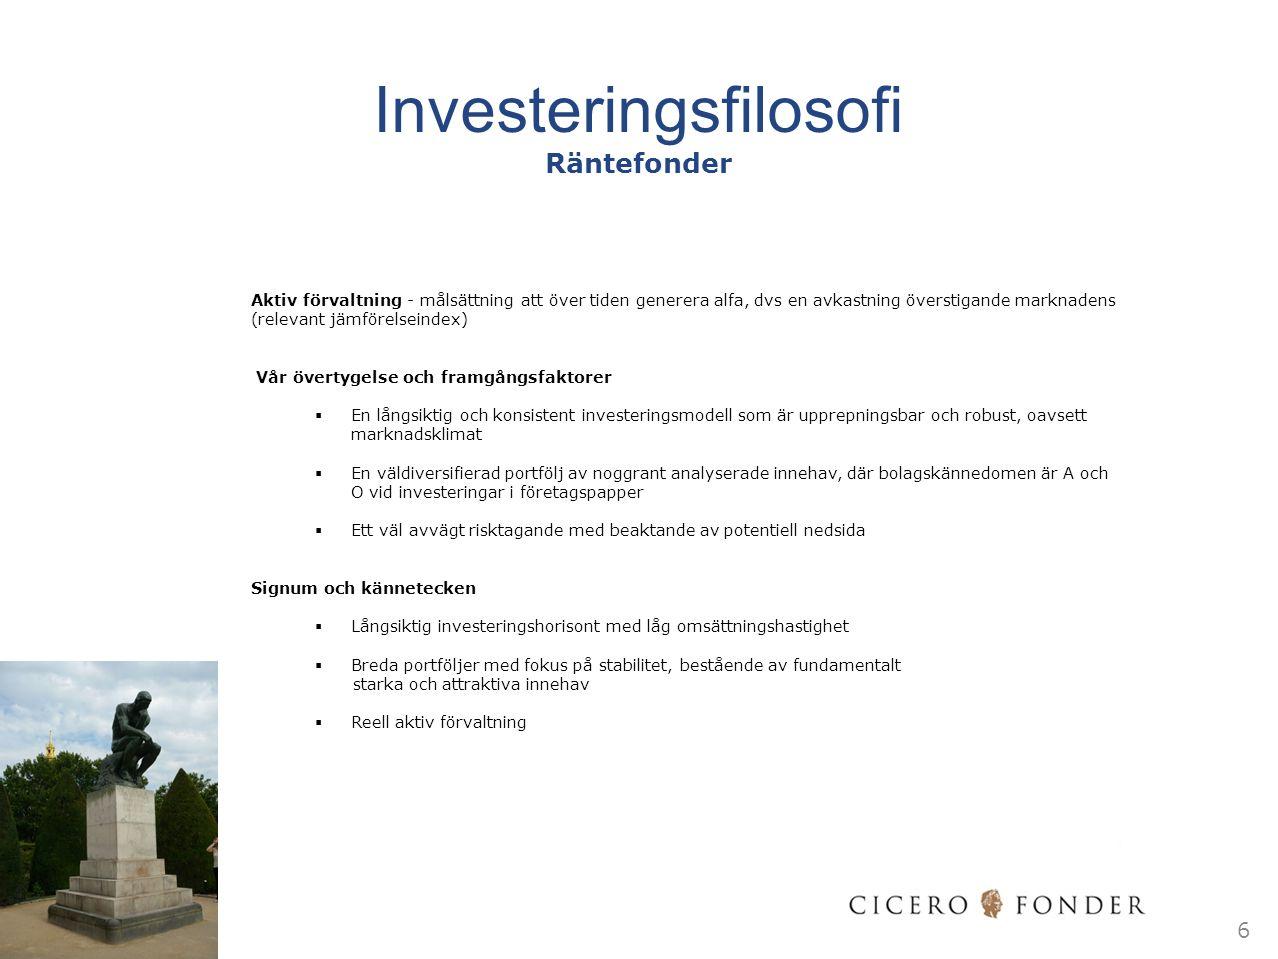 Investeringsfilosofi Räntefonder Aktiv förvaltning - målsättning att över tiden generera alfa, dvs en avkastning överstigande marknadens (relevant jämförelseindex) Vår övertygelse och framgångsfaktorer  En långsiktig och konsistent investeringsmodell som är upprepningsbar och robust, oavsett marknadsklimat  En väldiversifierad portfölj av noggrant analyserade innehav, där bolagskännedomen är A och O vid investeringar i företagspapper  Ett väl avvägt risktagande med beaktande av potentiell nedsida Signum och kännetecken  Långsiktig investeringshorisont med låg omsättningshastighet  Breda portföljer med fokus på stabilitet, bestående av fundamentalt starka och attraktiva innehav  Reell aktiv förvaltning 6